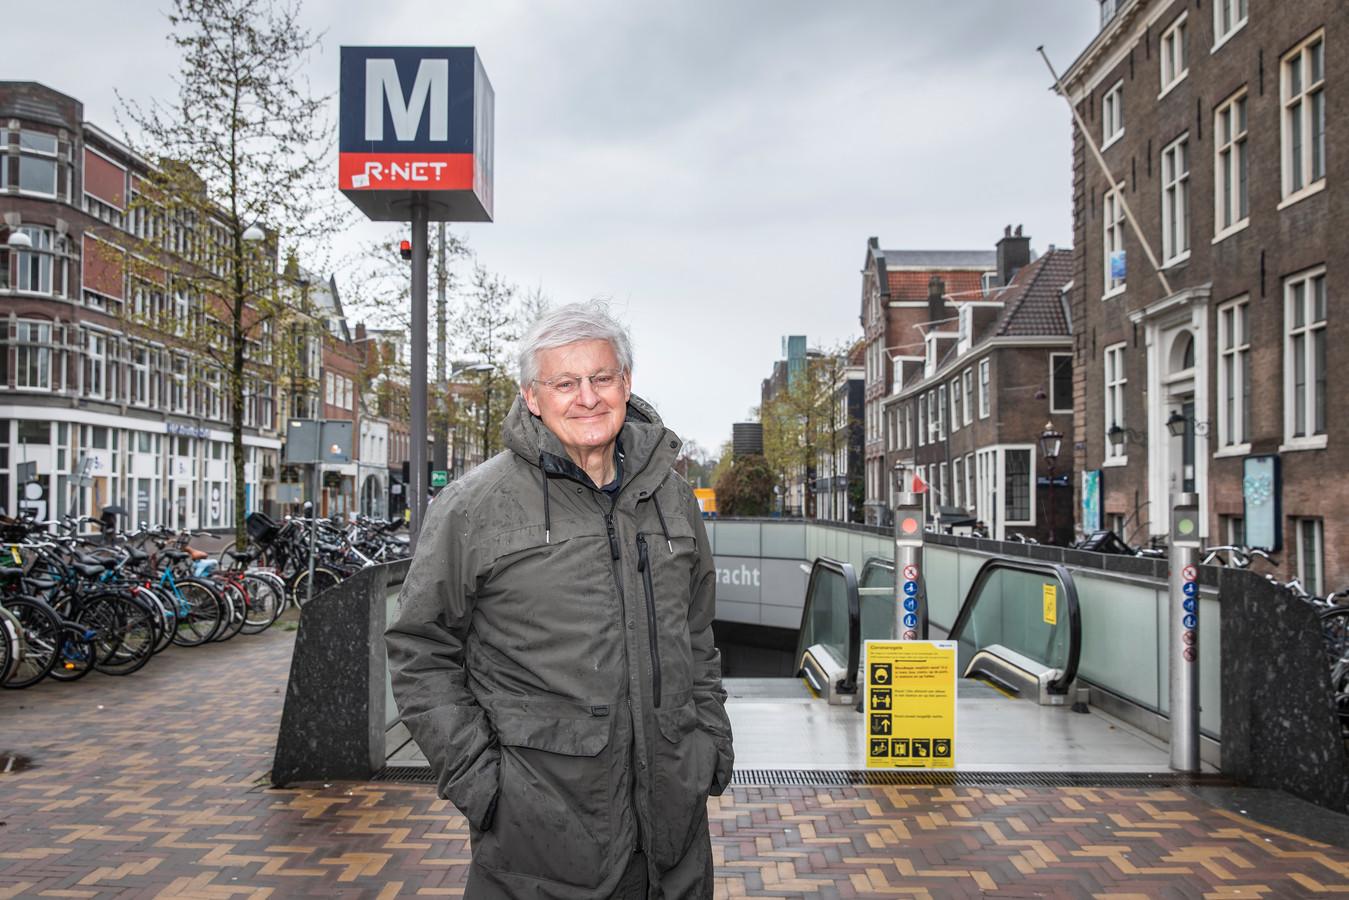 Dirk Fuite was nauw betrokken bij de afhandeling van schades aan de huizen die veroorzaakt zijn tijdens de aanleg van de Noord-Zuidlijn. In een open brief roept hij de provincie Overijssel op om bij kanaal Almelo - De Haandrik te kijken naar de schadeafwikkeling destijds in Amsterdam.